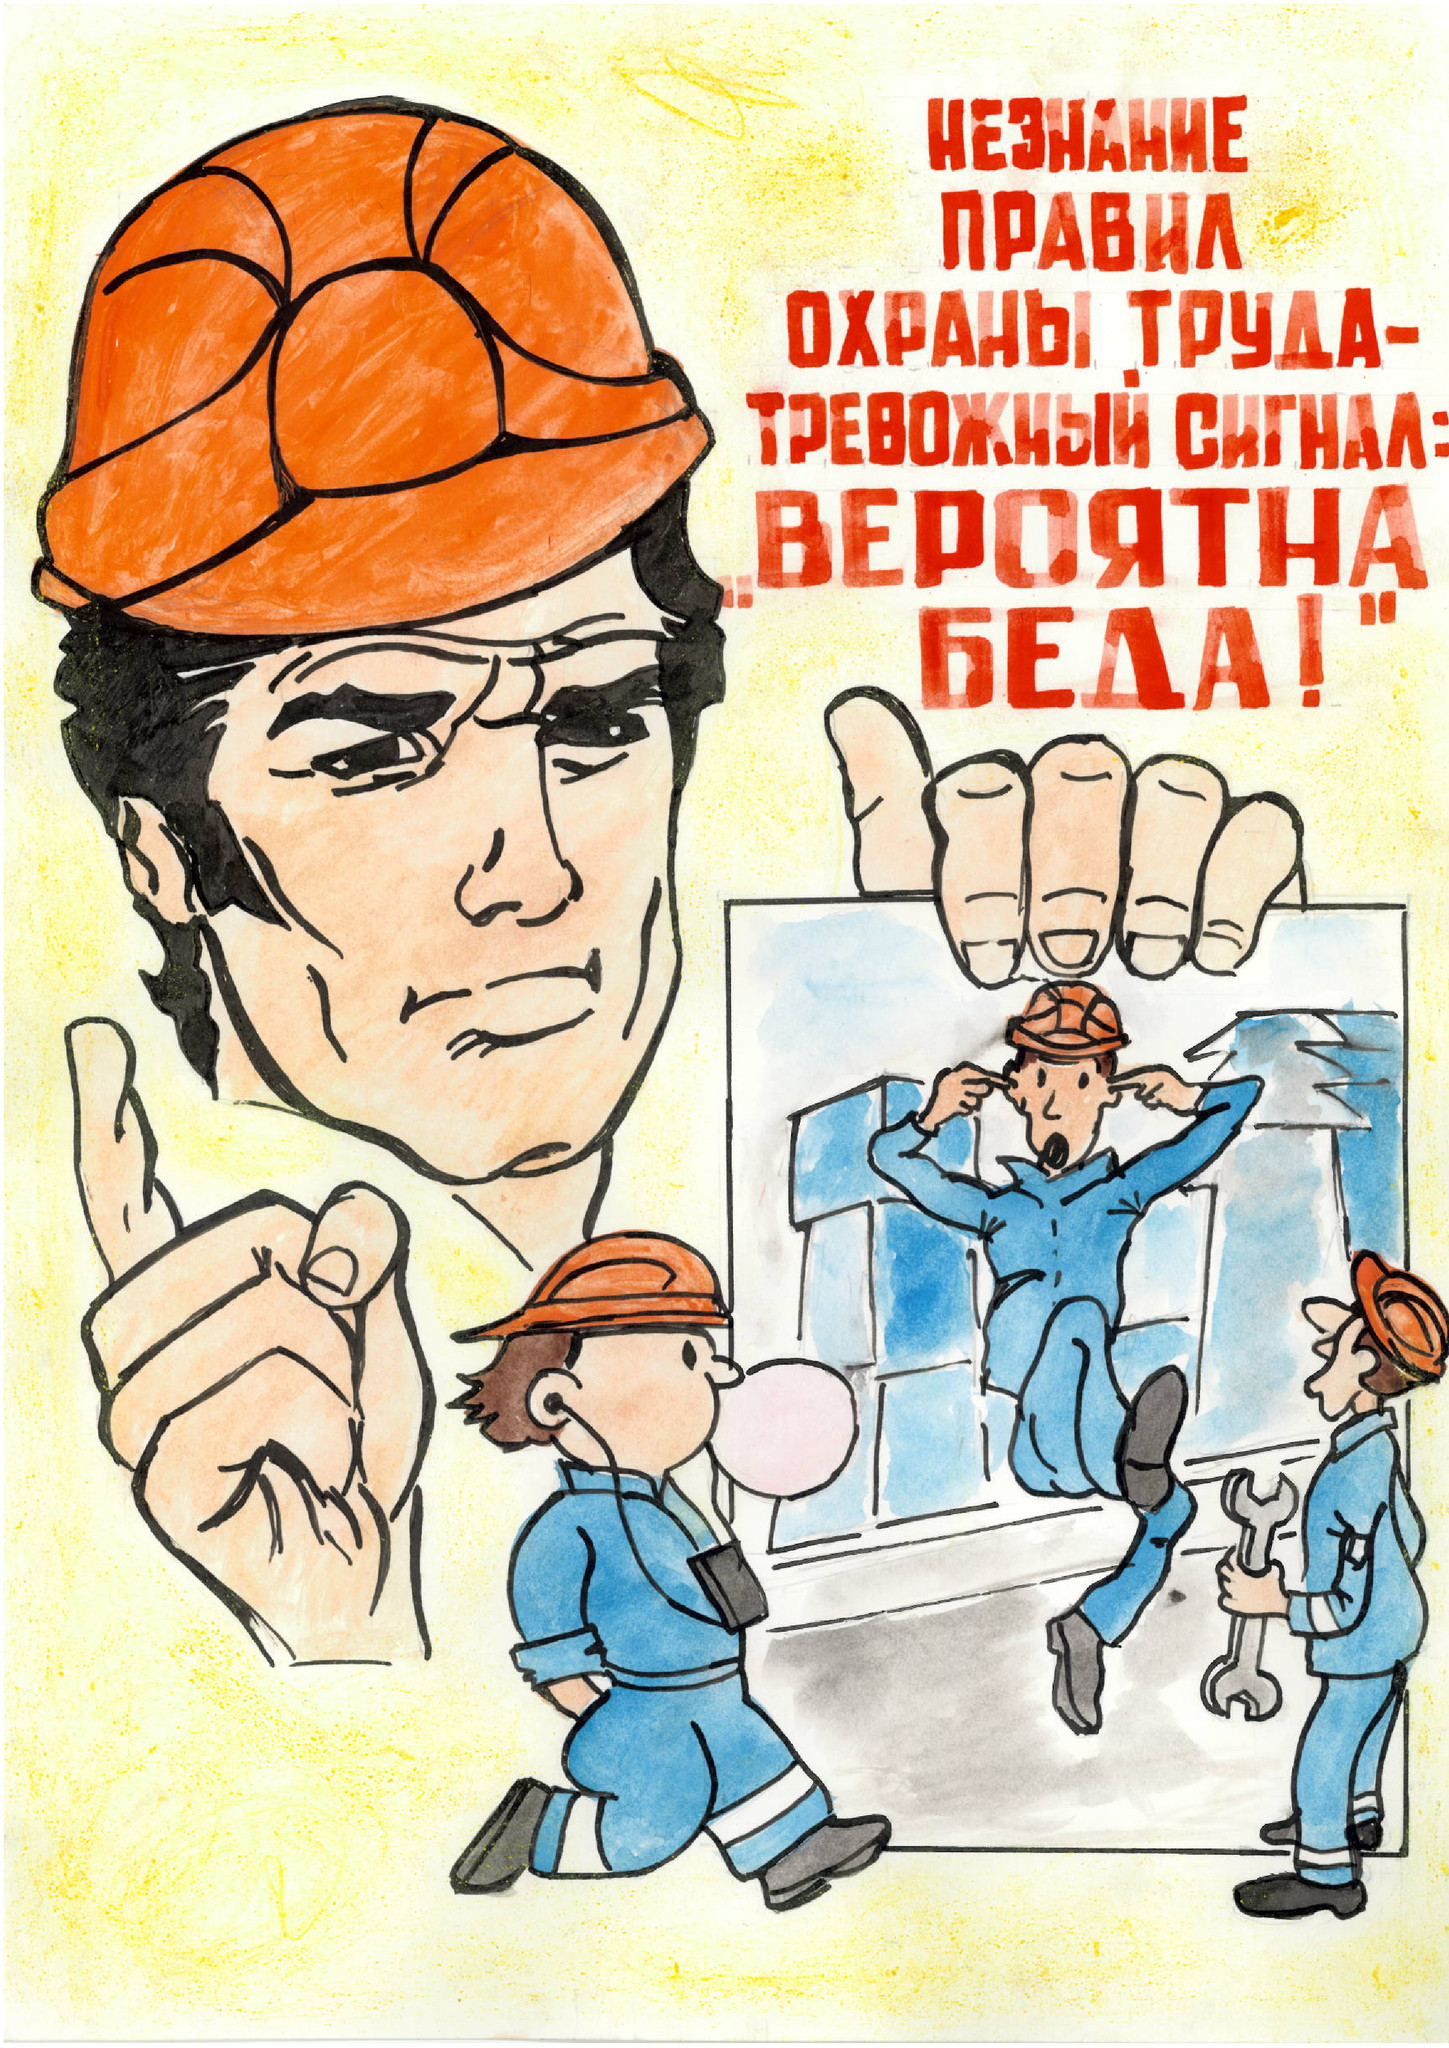 Шаблоны картинок по охране труда